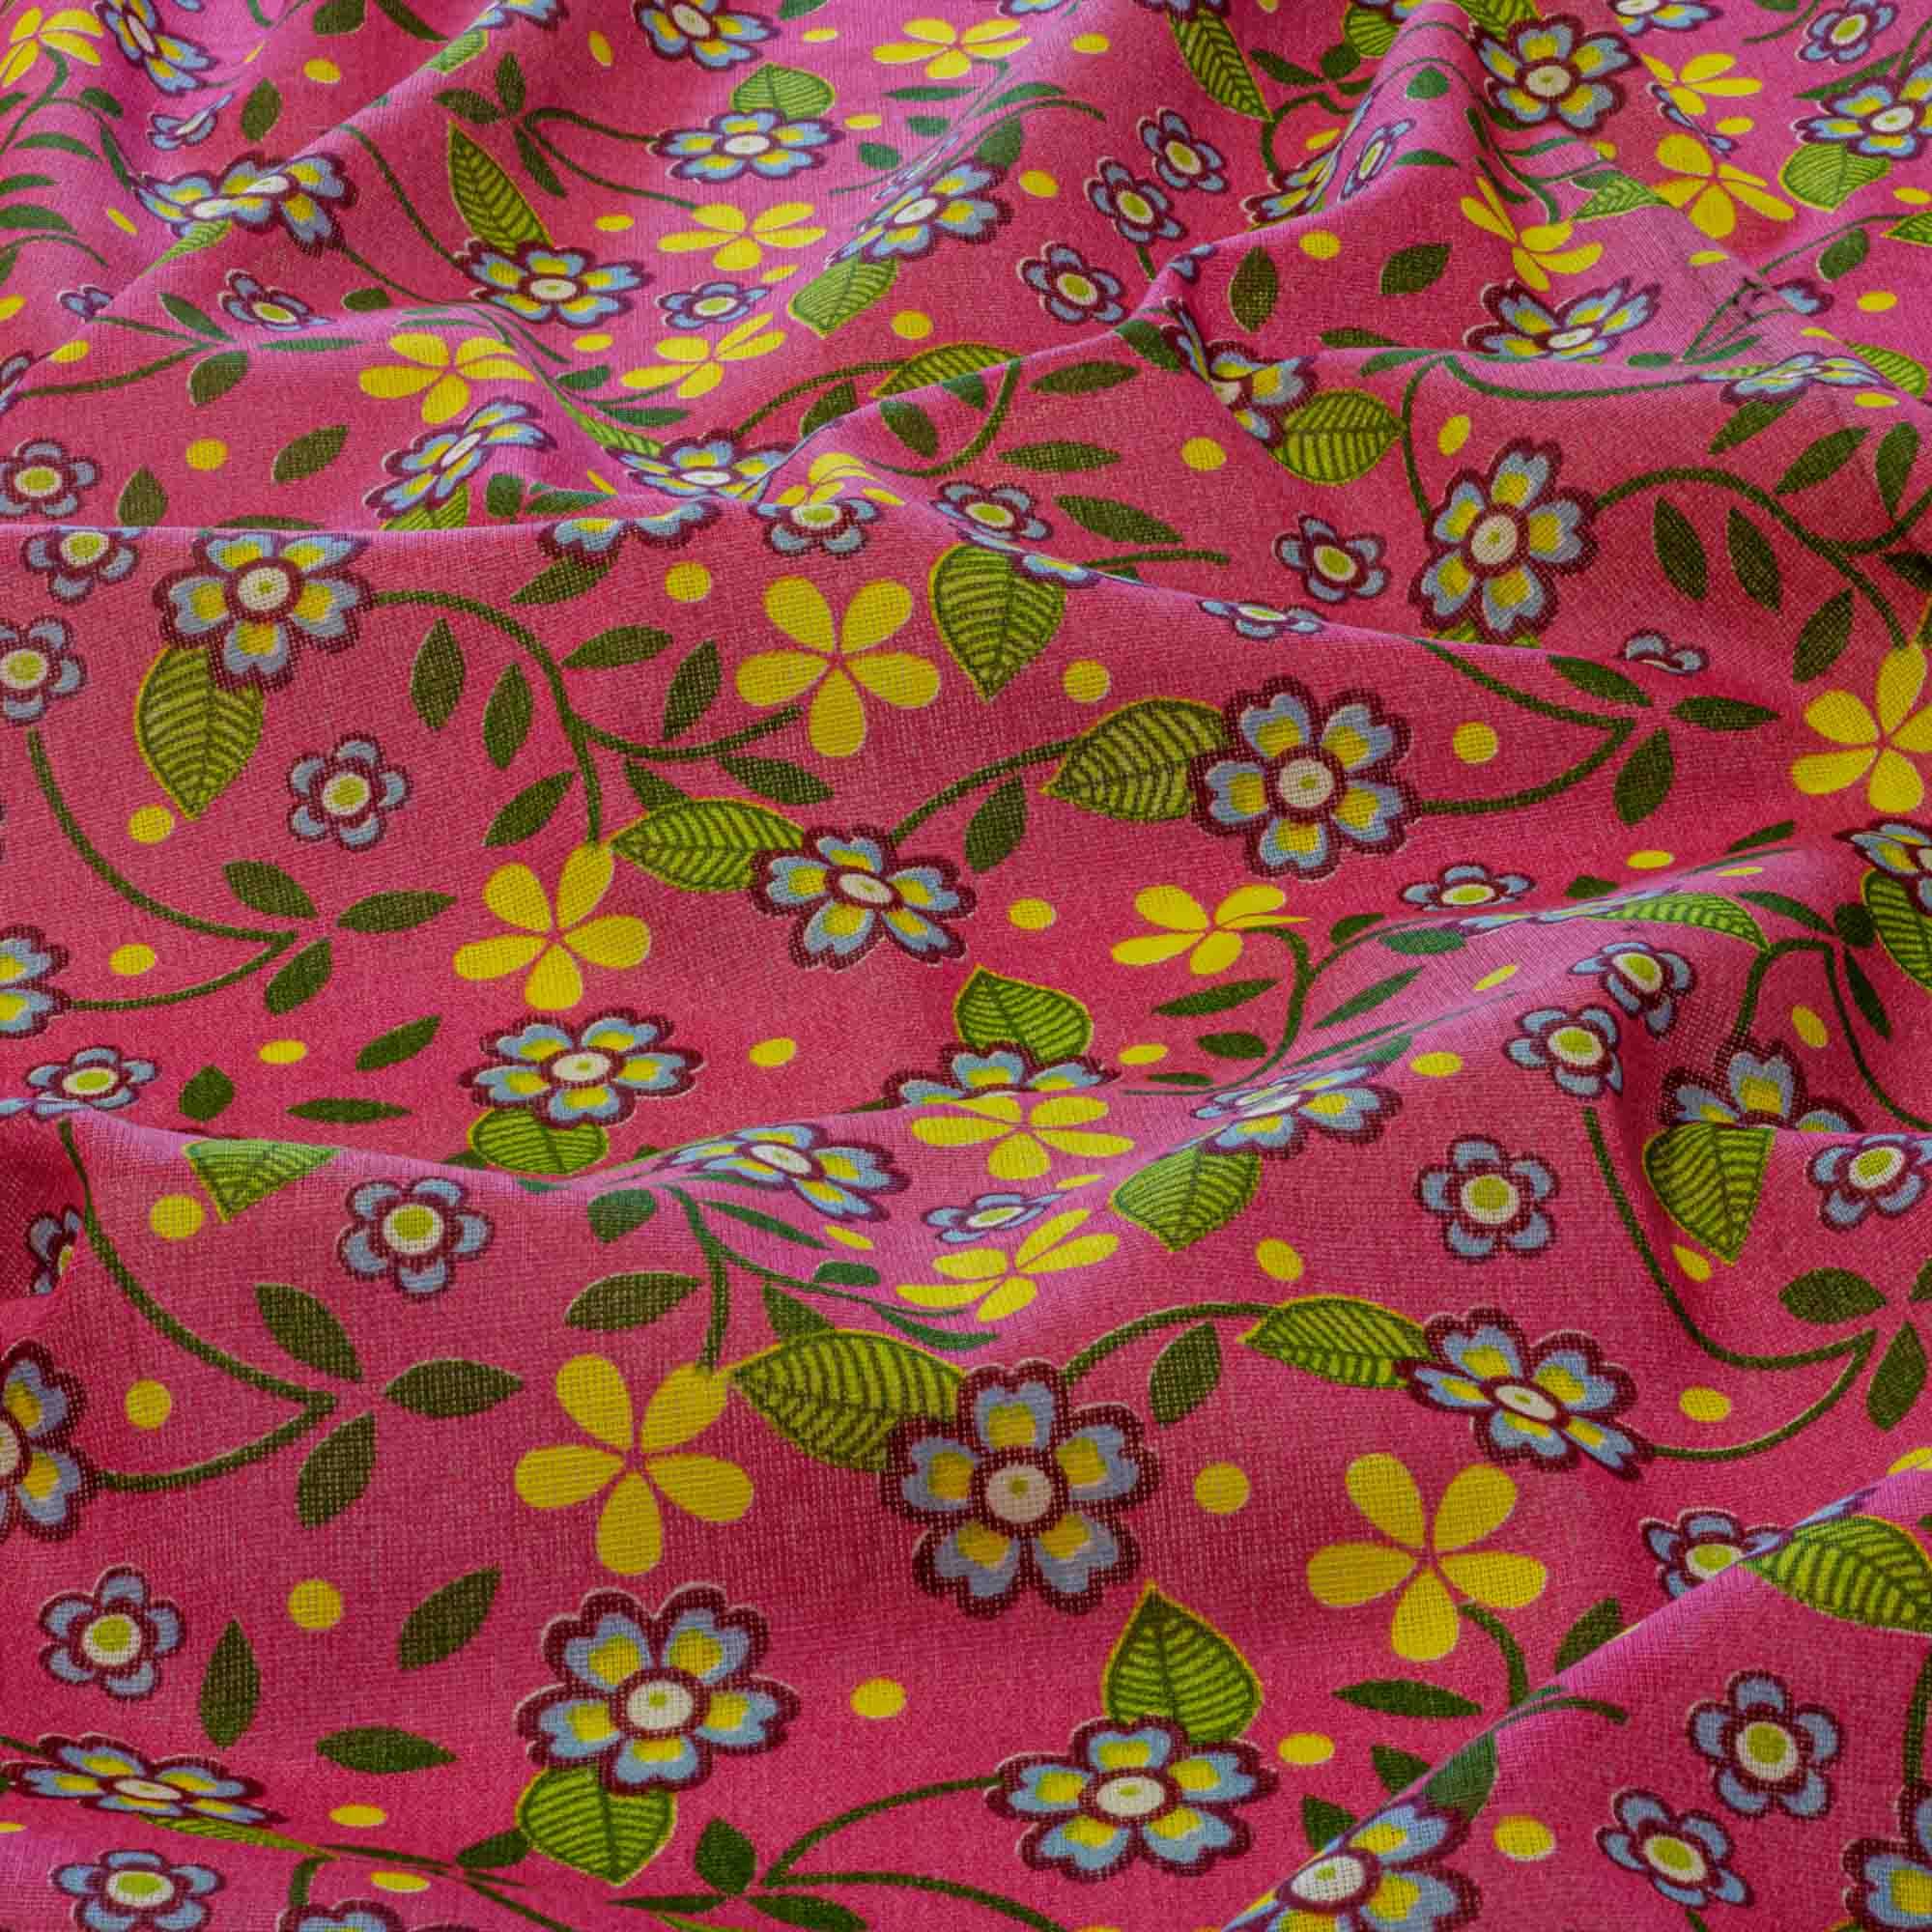 Tecido Chita Estampada Floral Fundo Uva 100% Algodão 1,40 Mt Largura